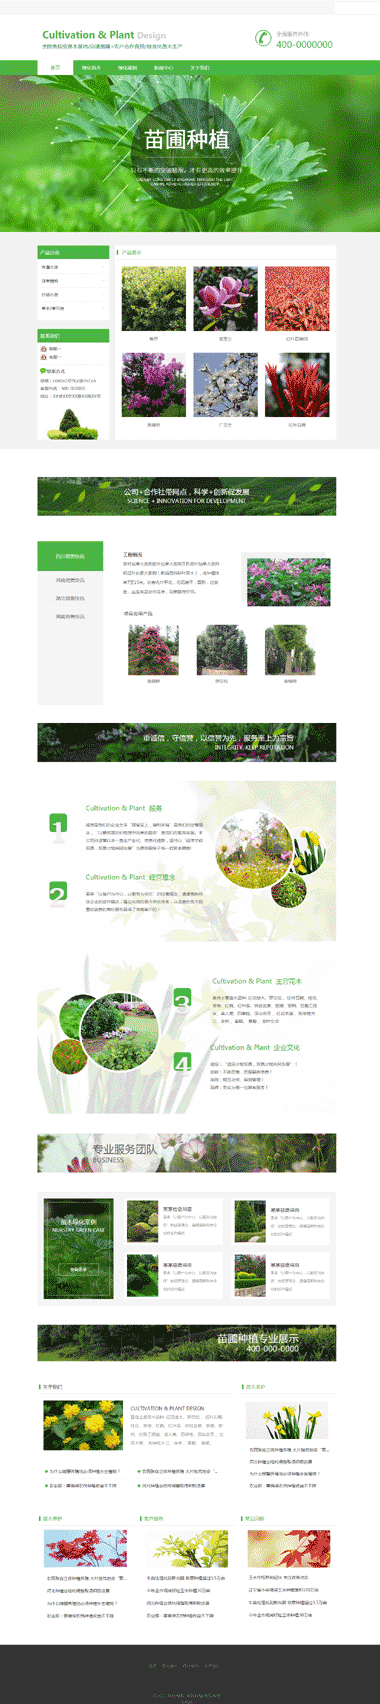 绿化苗木种植网站模板-做绿化苗木企业网站